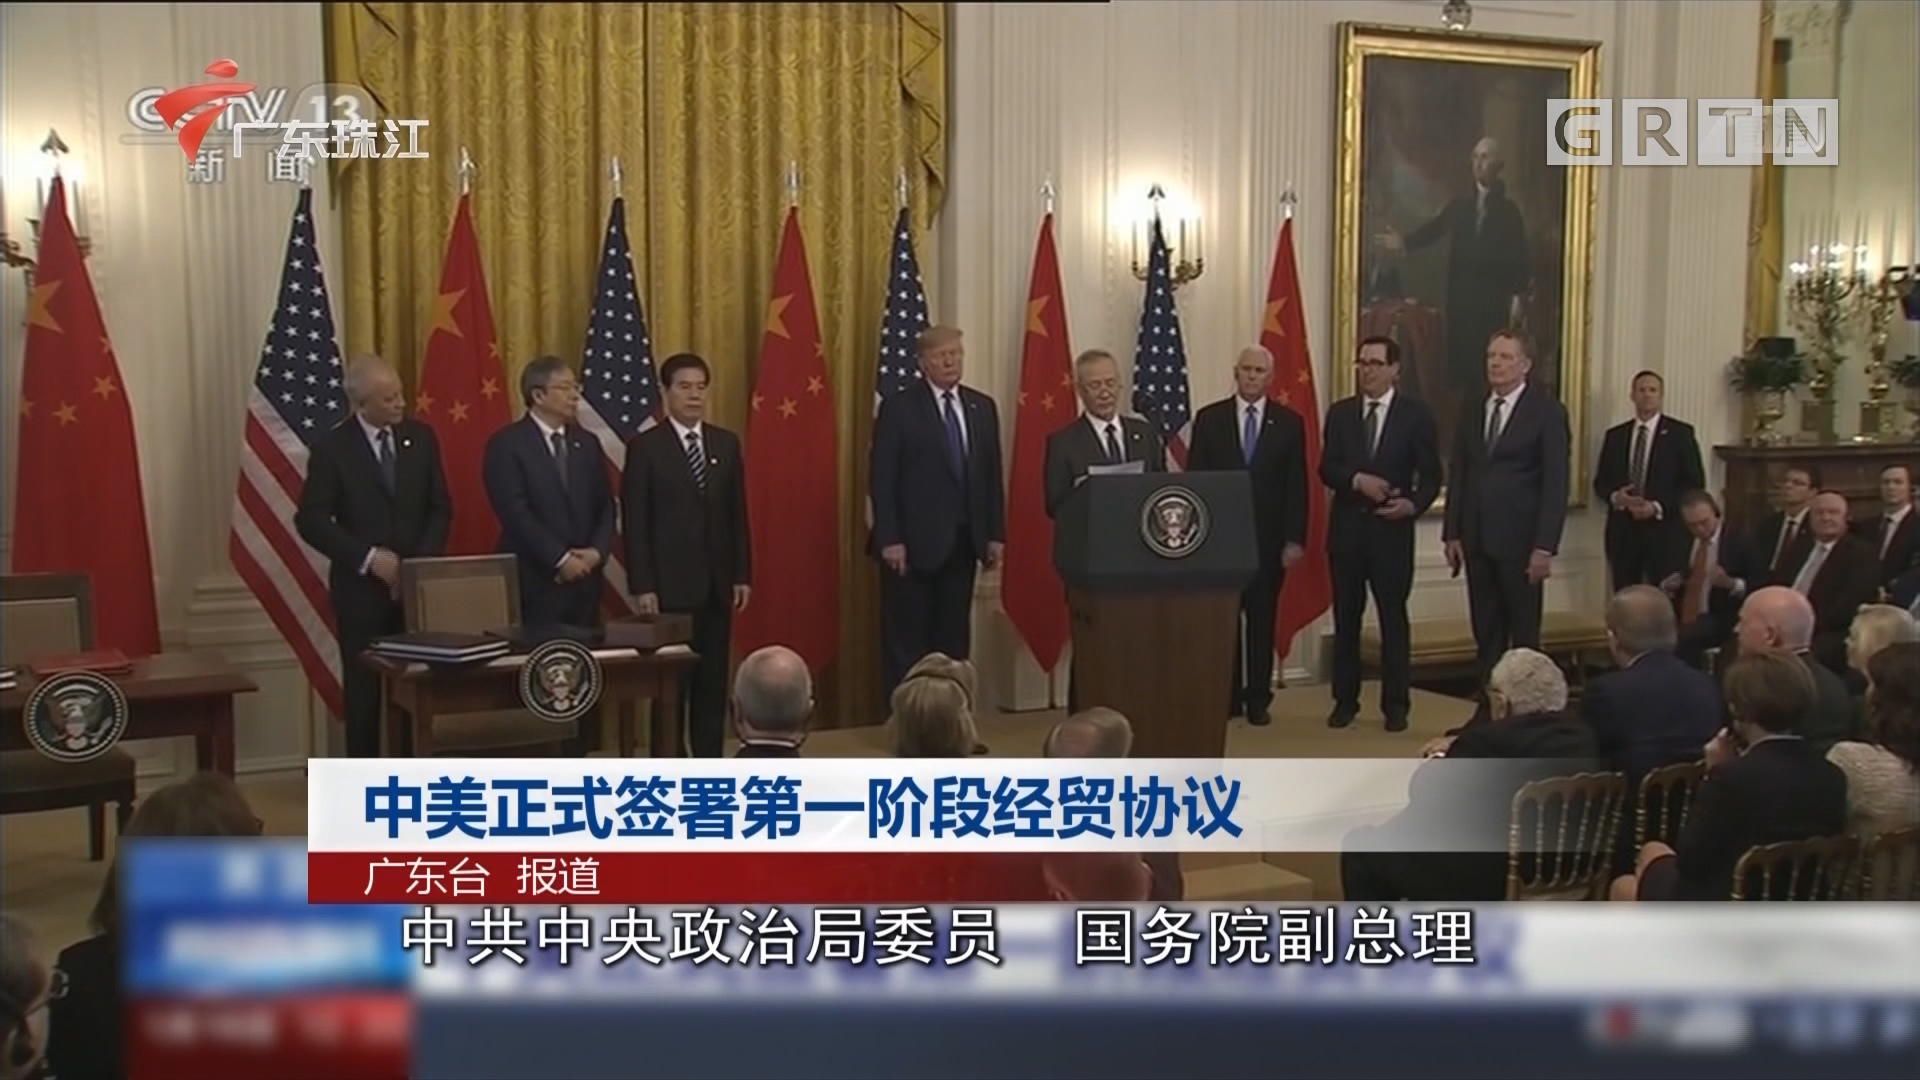 中美正式签署第一阶段经贸协议